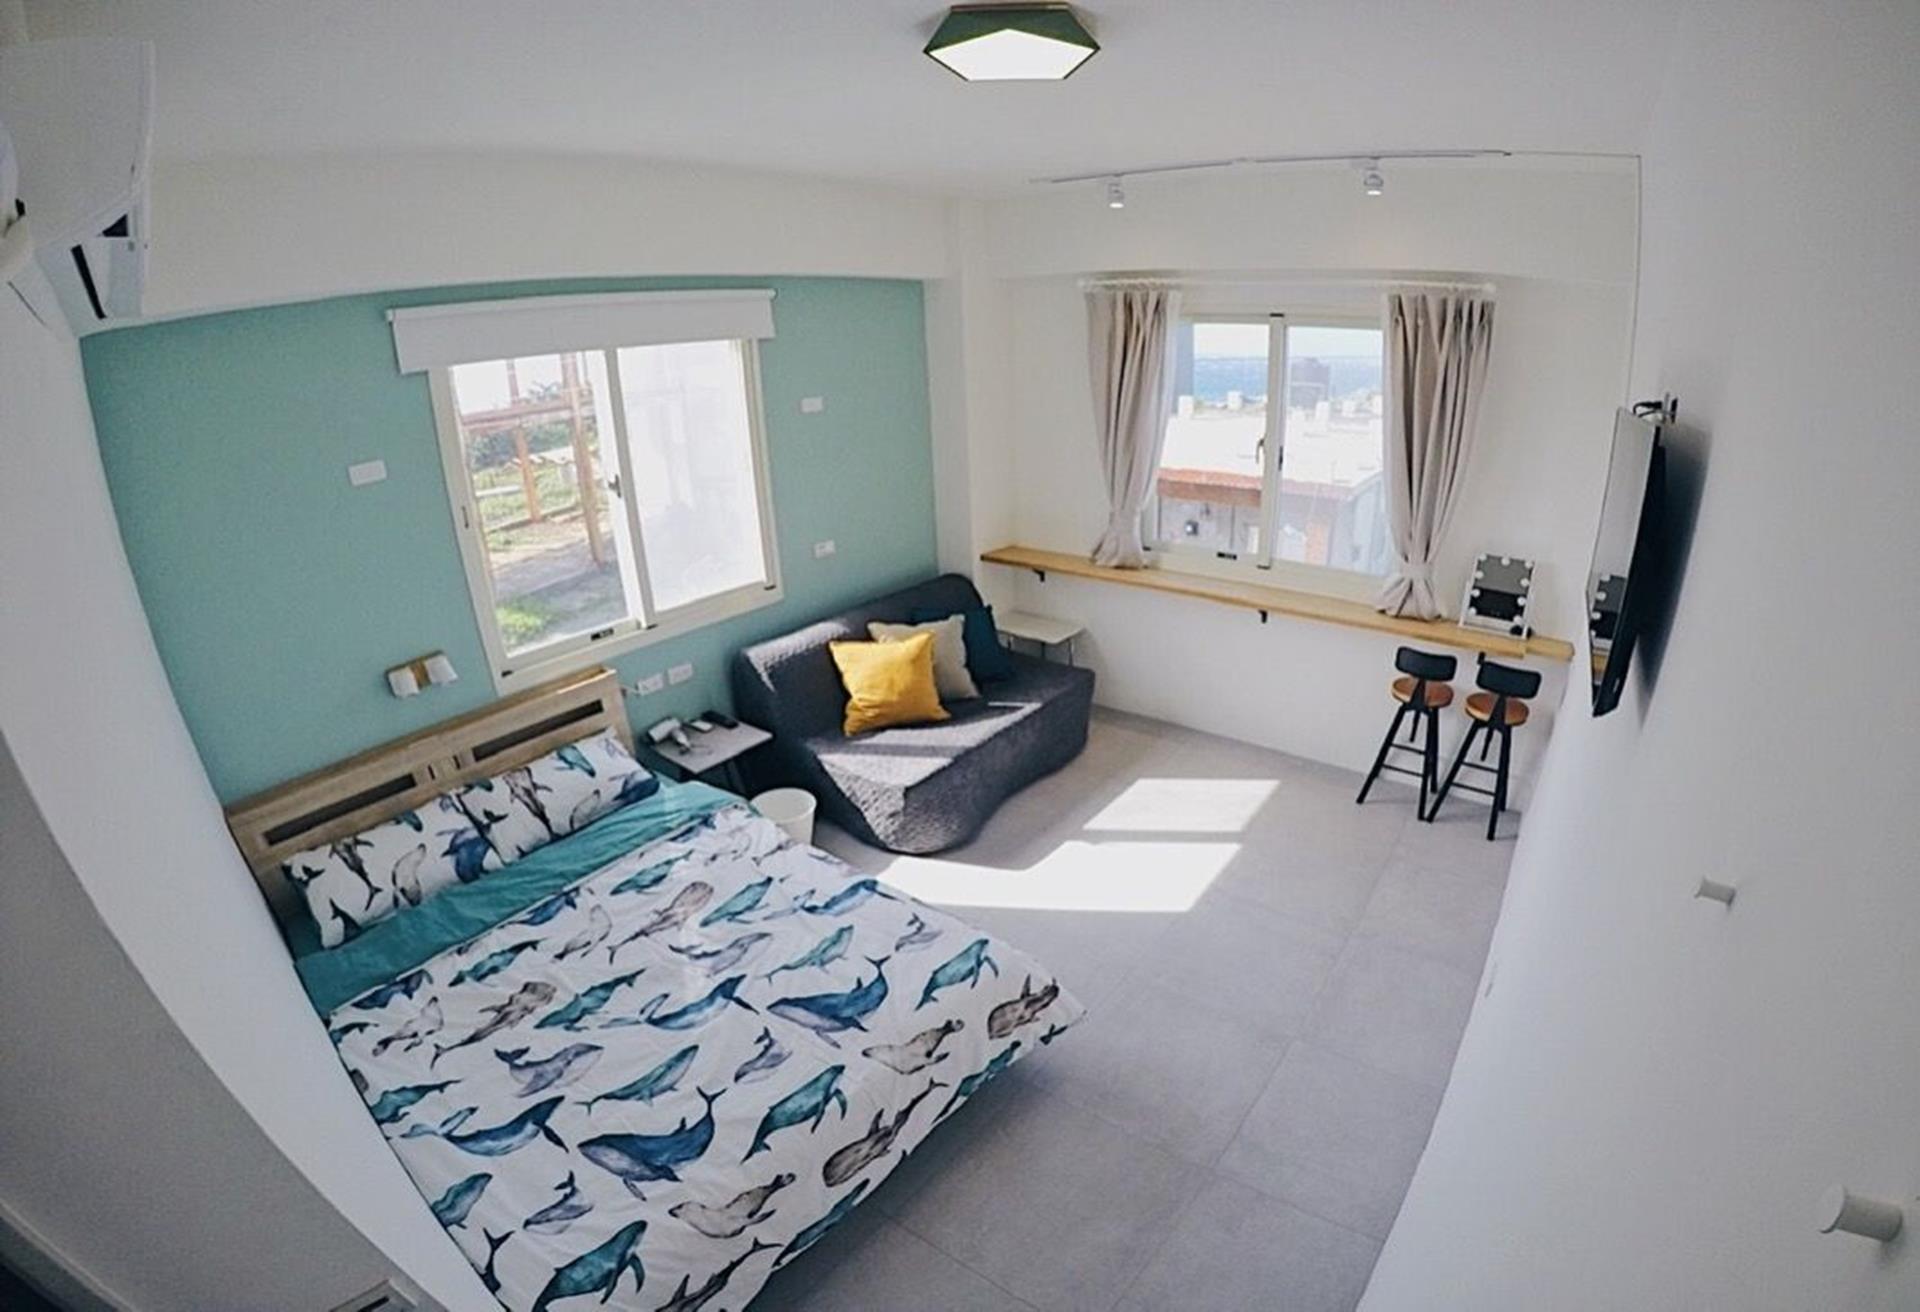 綠島海景民宿推薦 - 綠島放個假旅宿大雙人套房(附沙發)